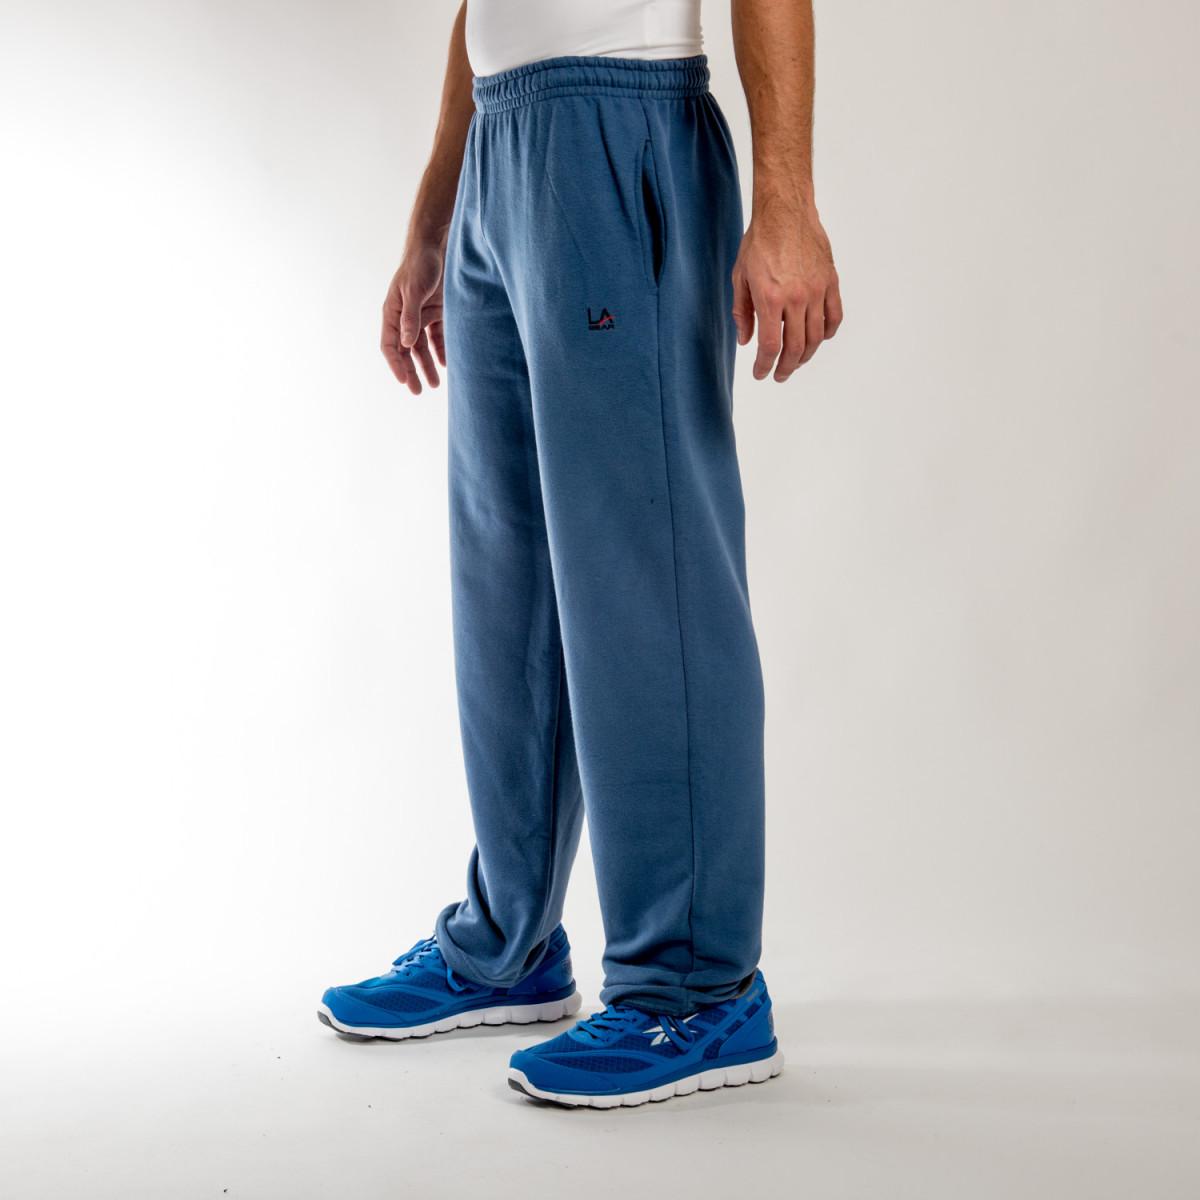 Pantalón La Gear Algodón Rústico Hombre